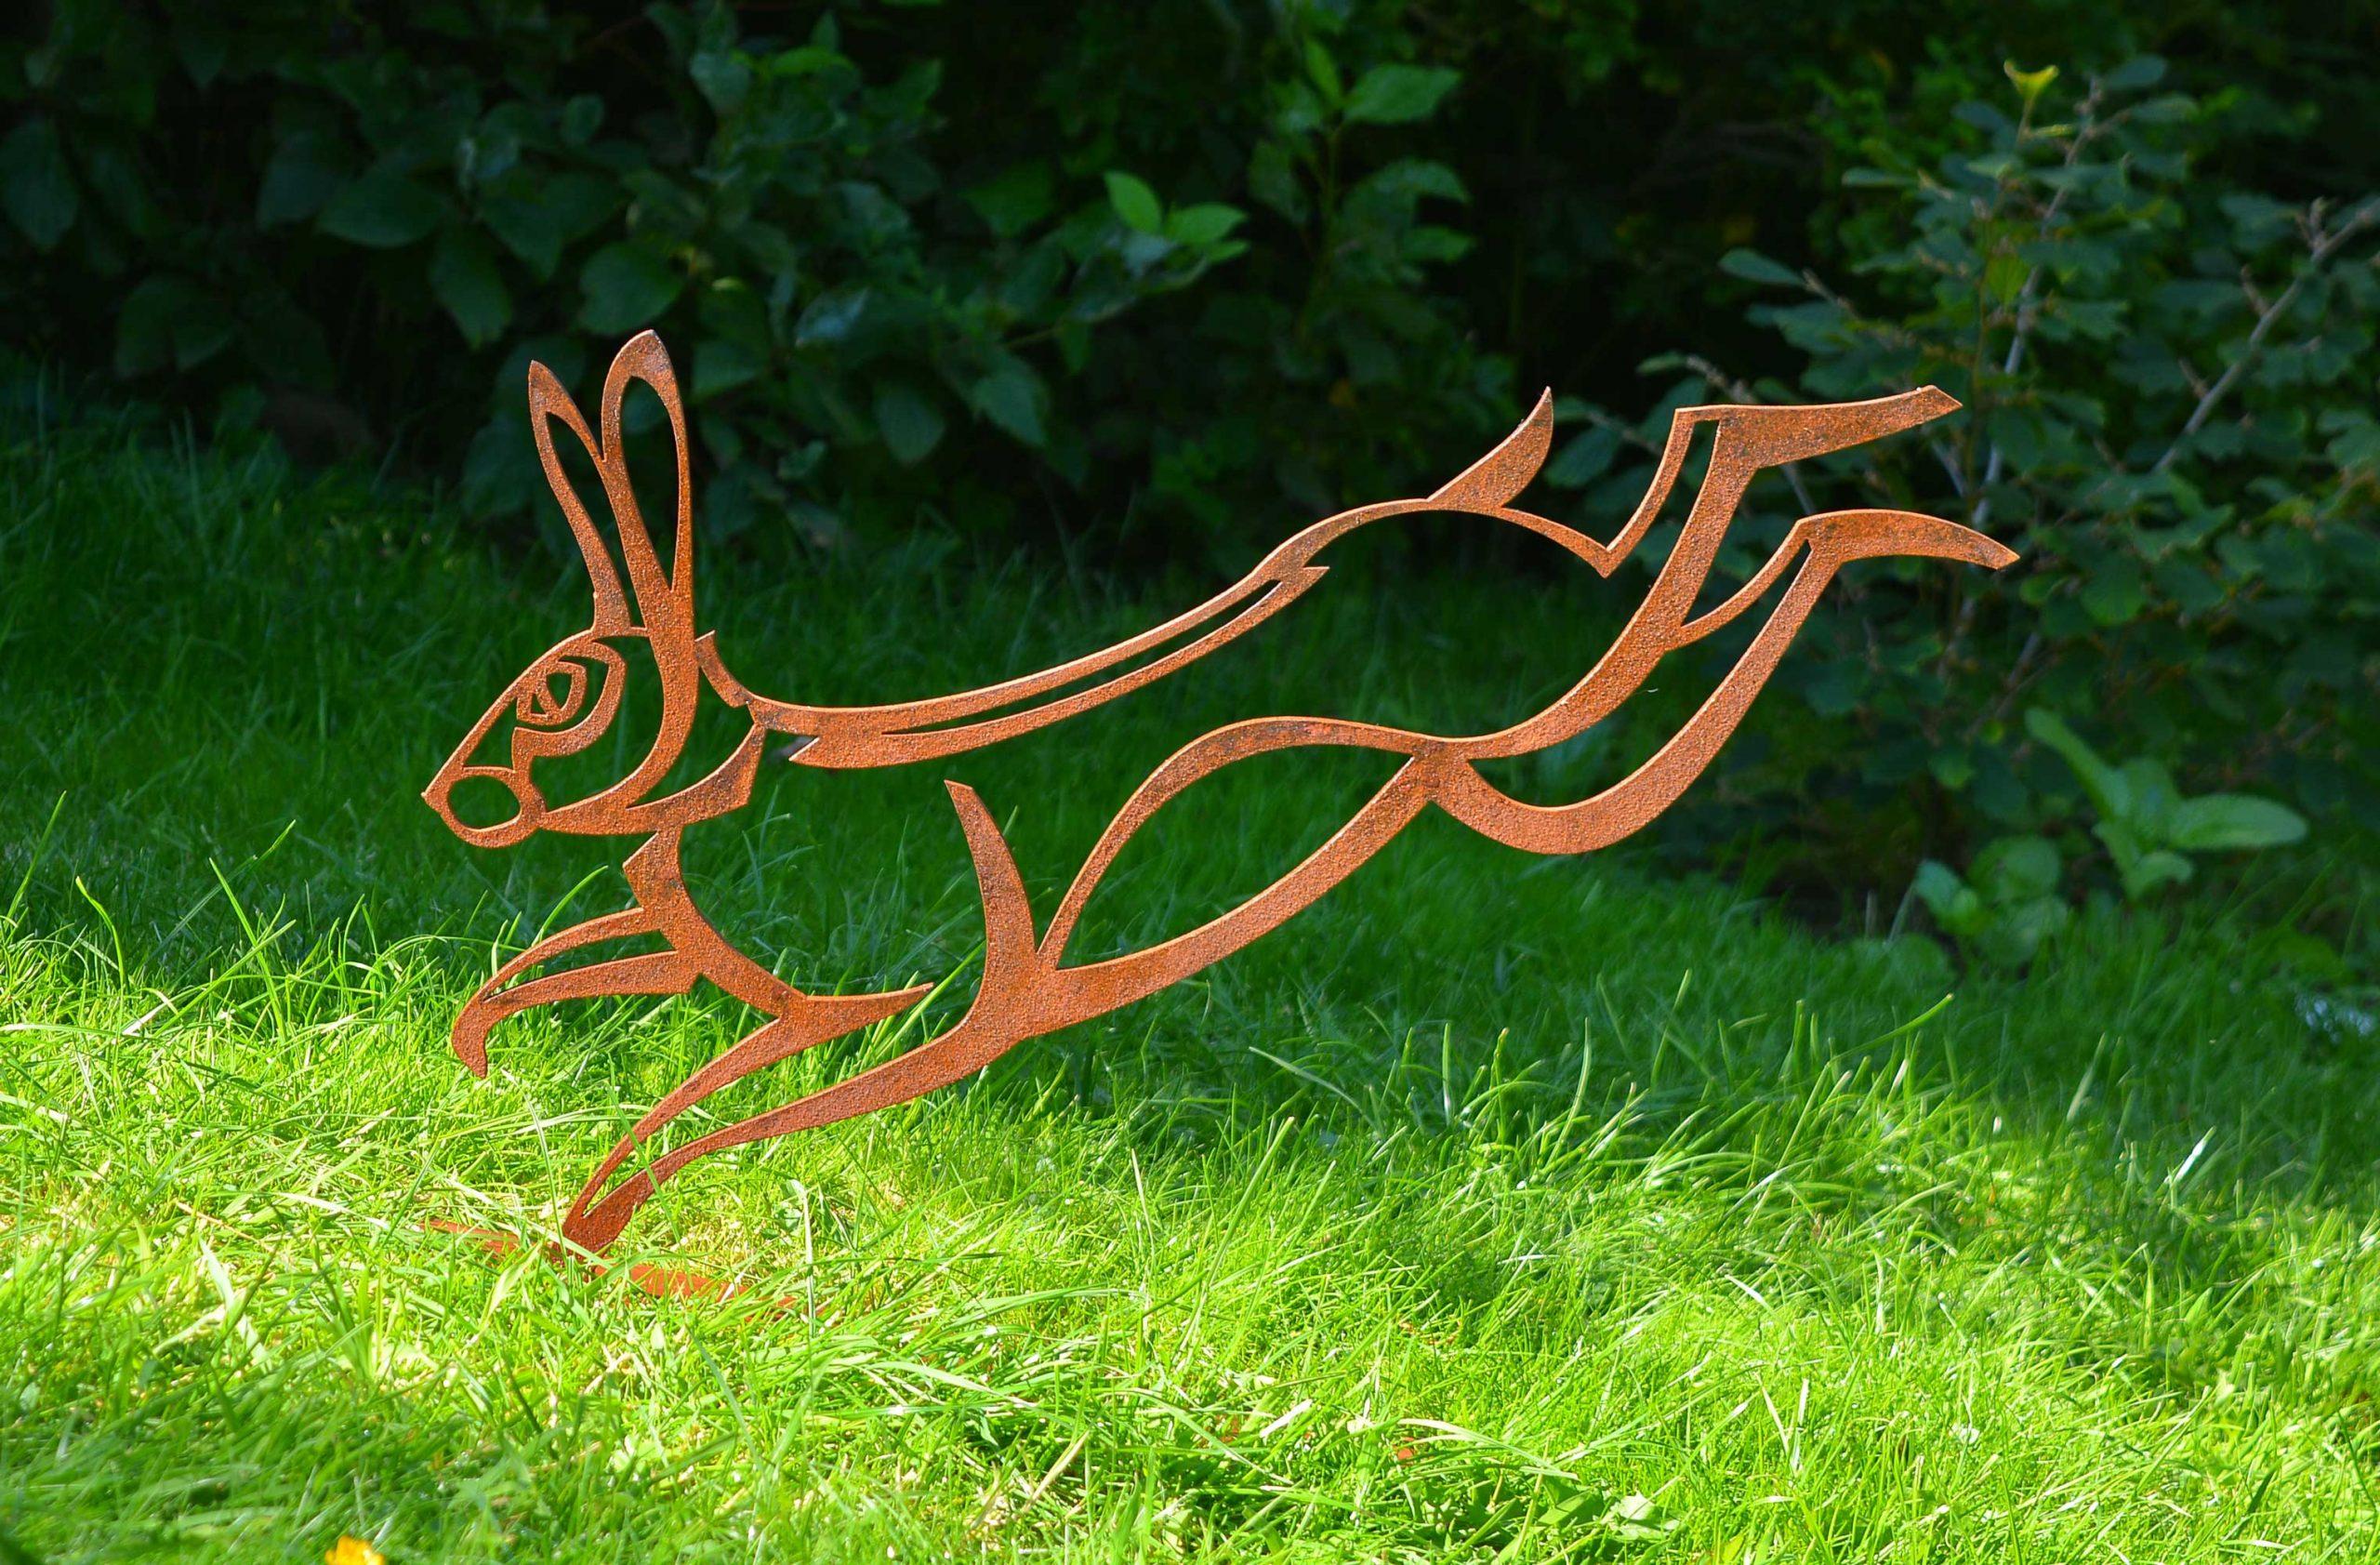 steel hare sculpture